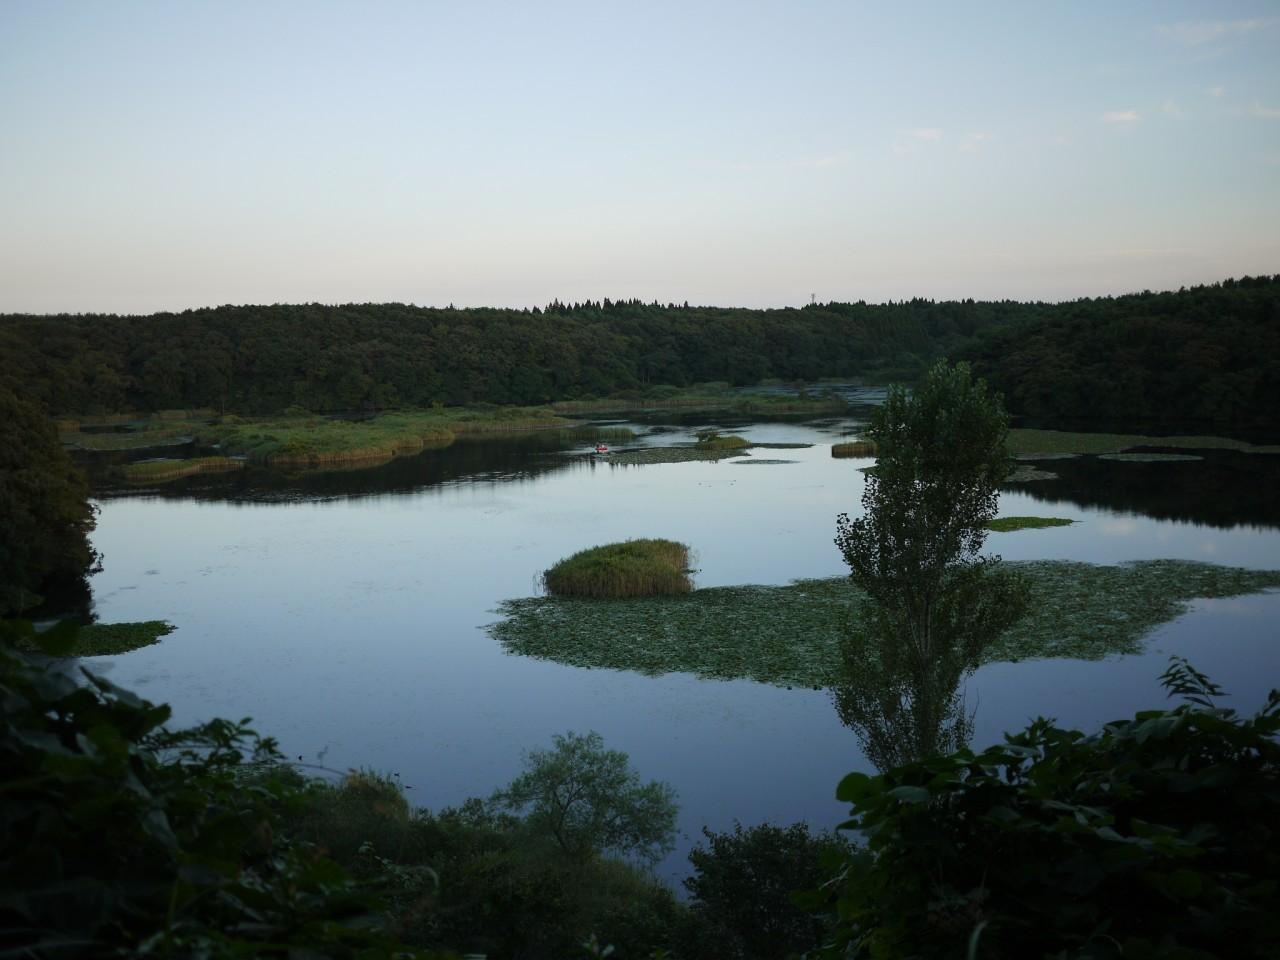 青森 風景 夏 三八 三沢市 小田内沼 ため池 浮島